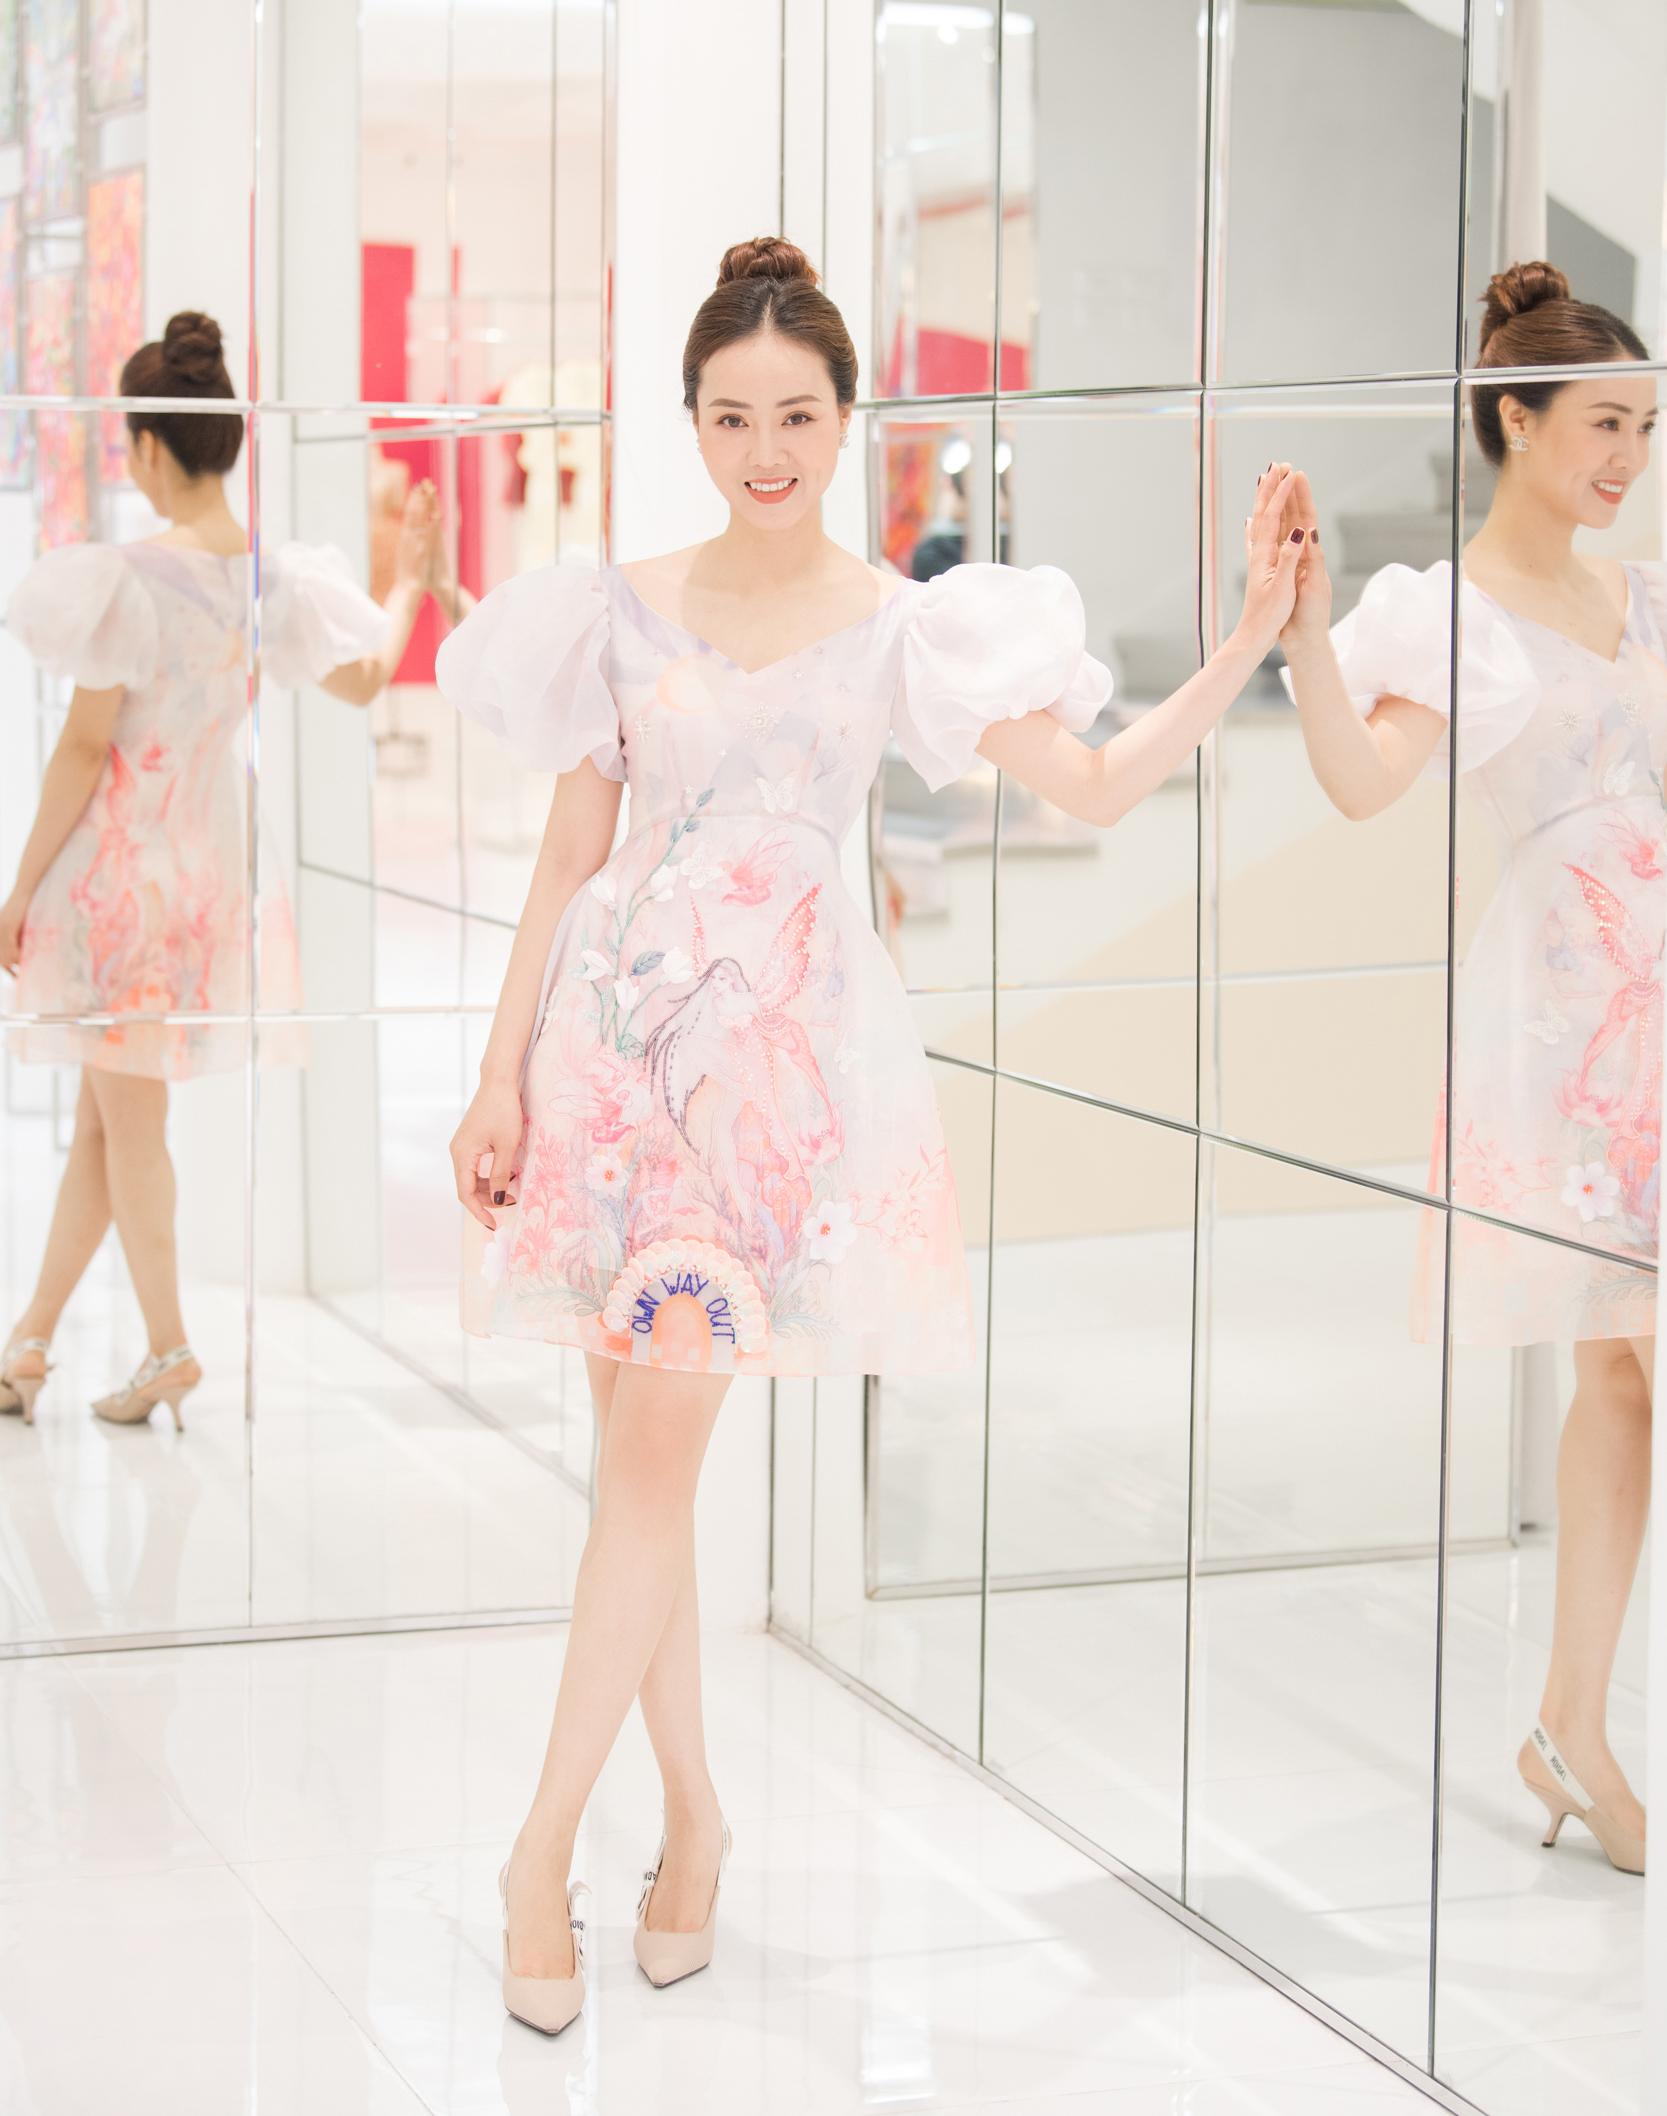 Mới đây, người đẹp Ngọc Hà - bà xã của NSND Công Lý - xuất hiện tại một sự kiện với nhan sắc xinh đẹp. Cô diện loạt trang phục trong bộ sưu tập mới của NTK Hòa Nguyễn.